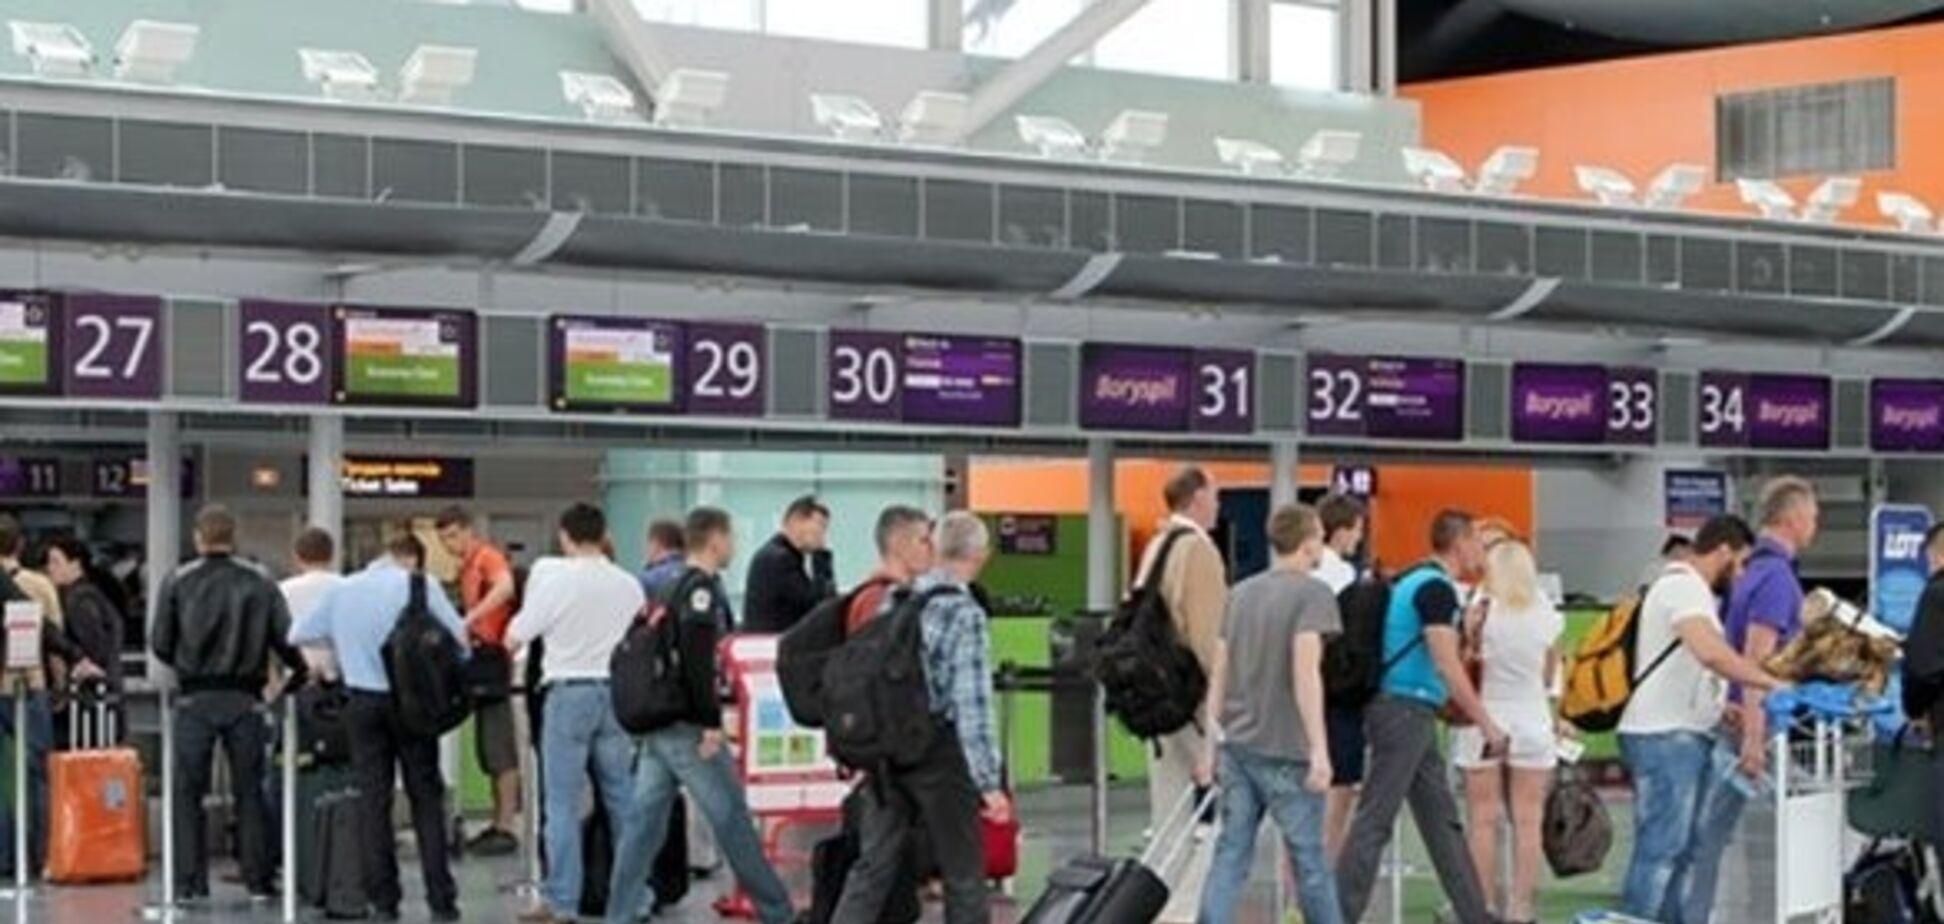 У'Борисполі' почнуть перевіряти пасажирів через коронавірус